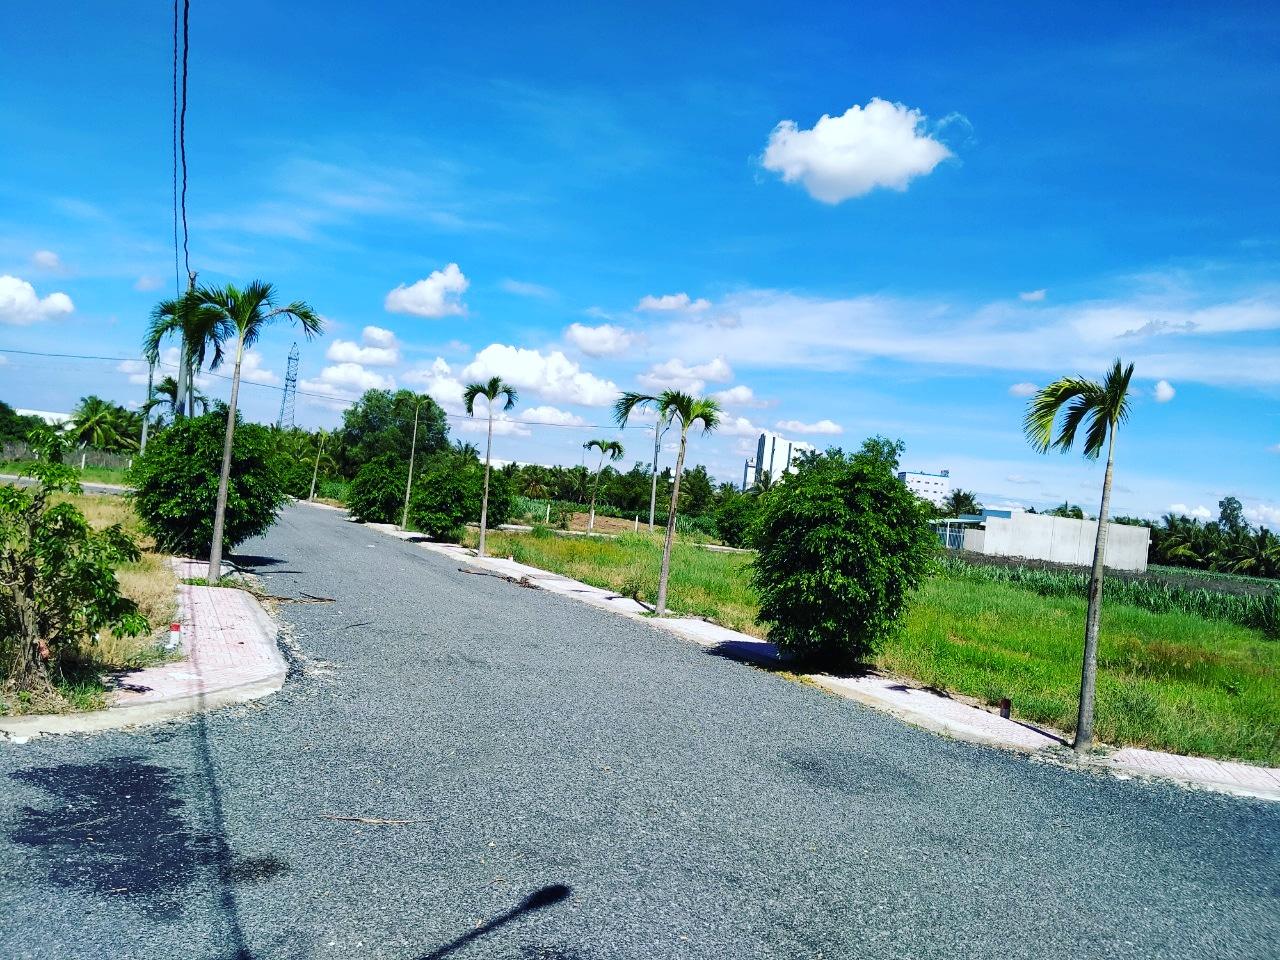 Cần bán Đất nền dự án đường Quốc lộ 1A, Xã Tân Lý Đông, Diện tích 120m², Giá 11.5 Triệu/m² - LH: 0973904018